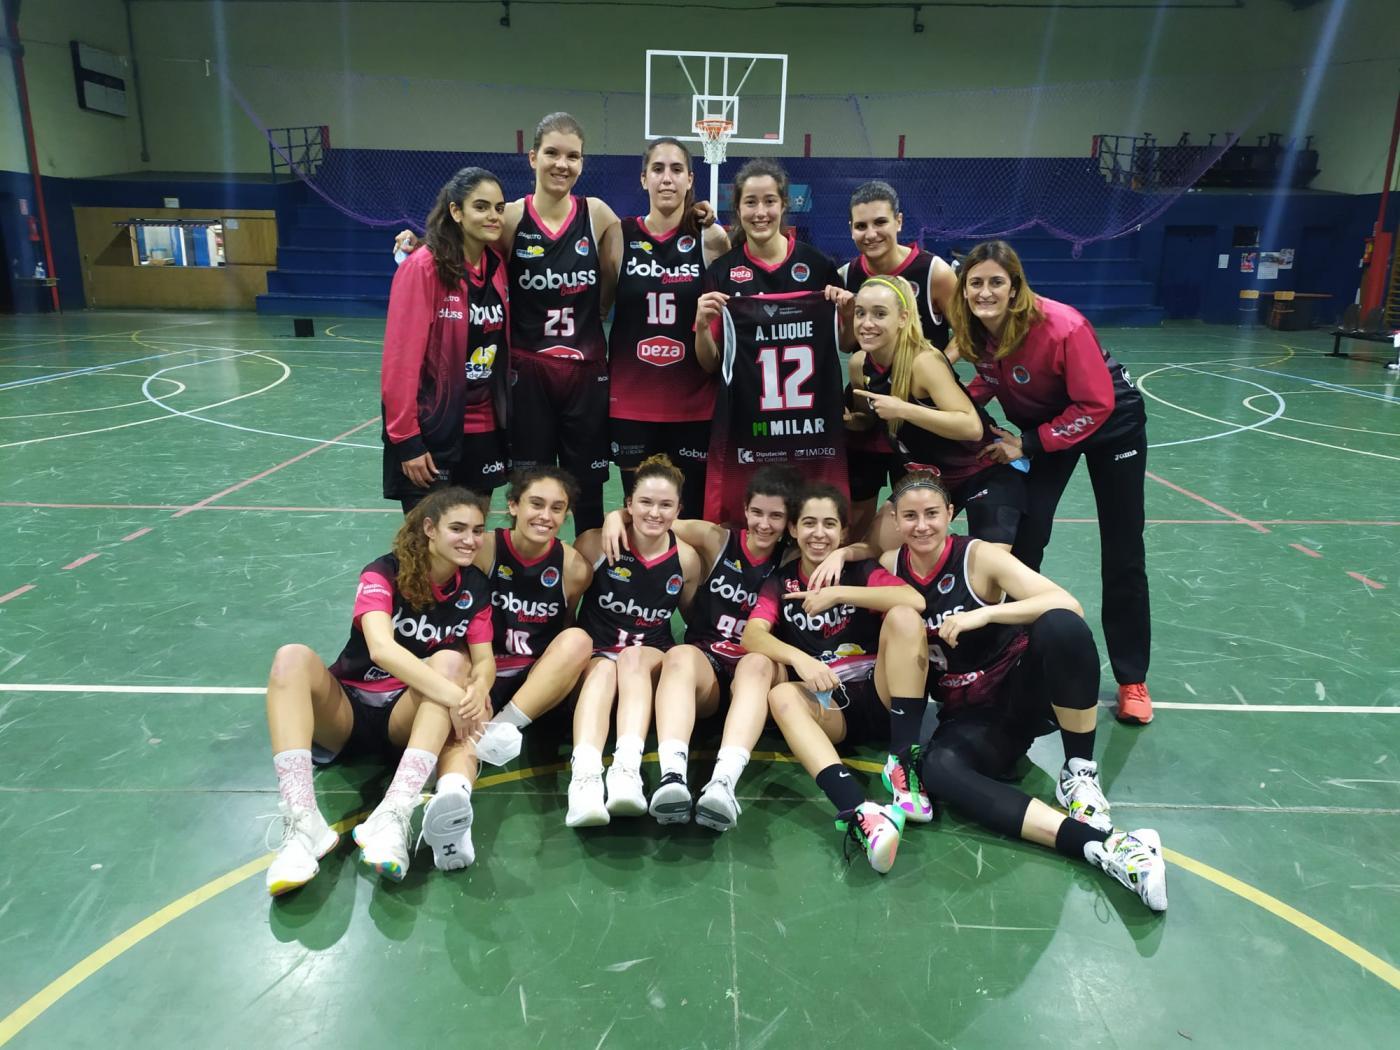 El camino del ascenso del Dobuss Córdoba Basket